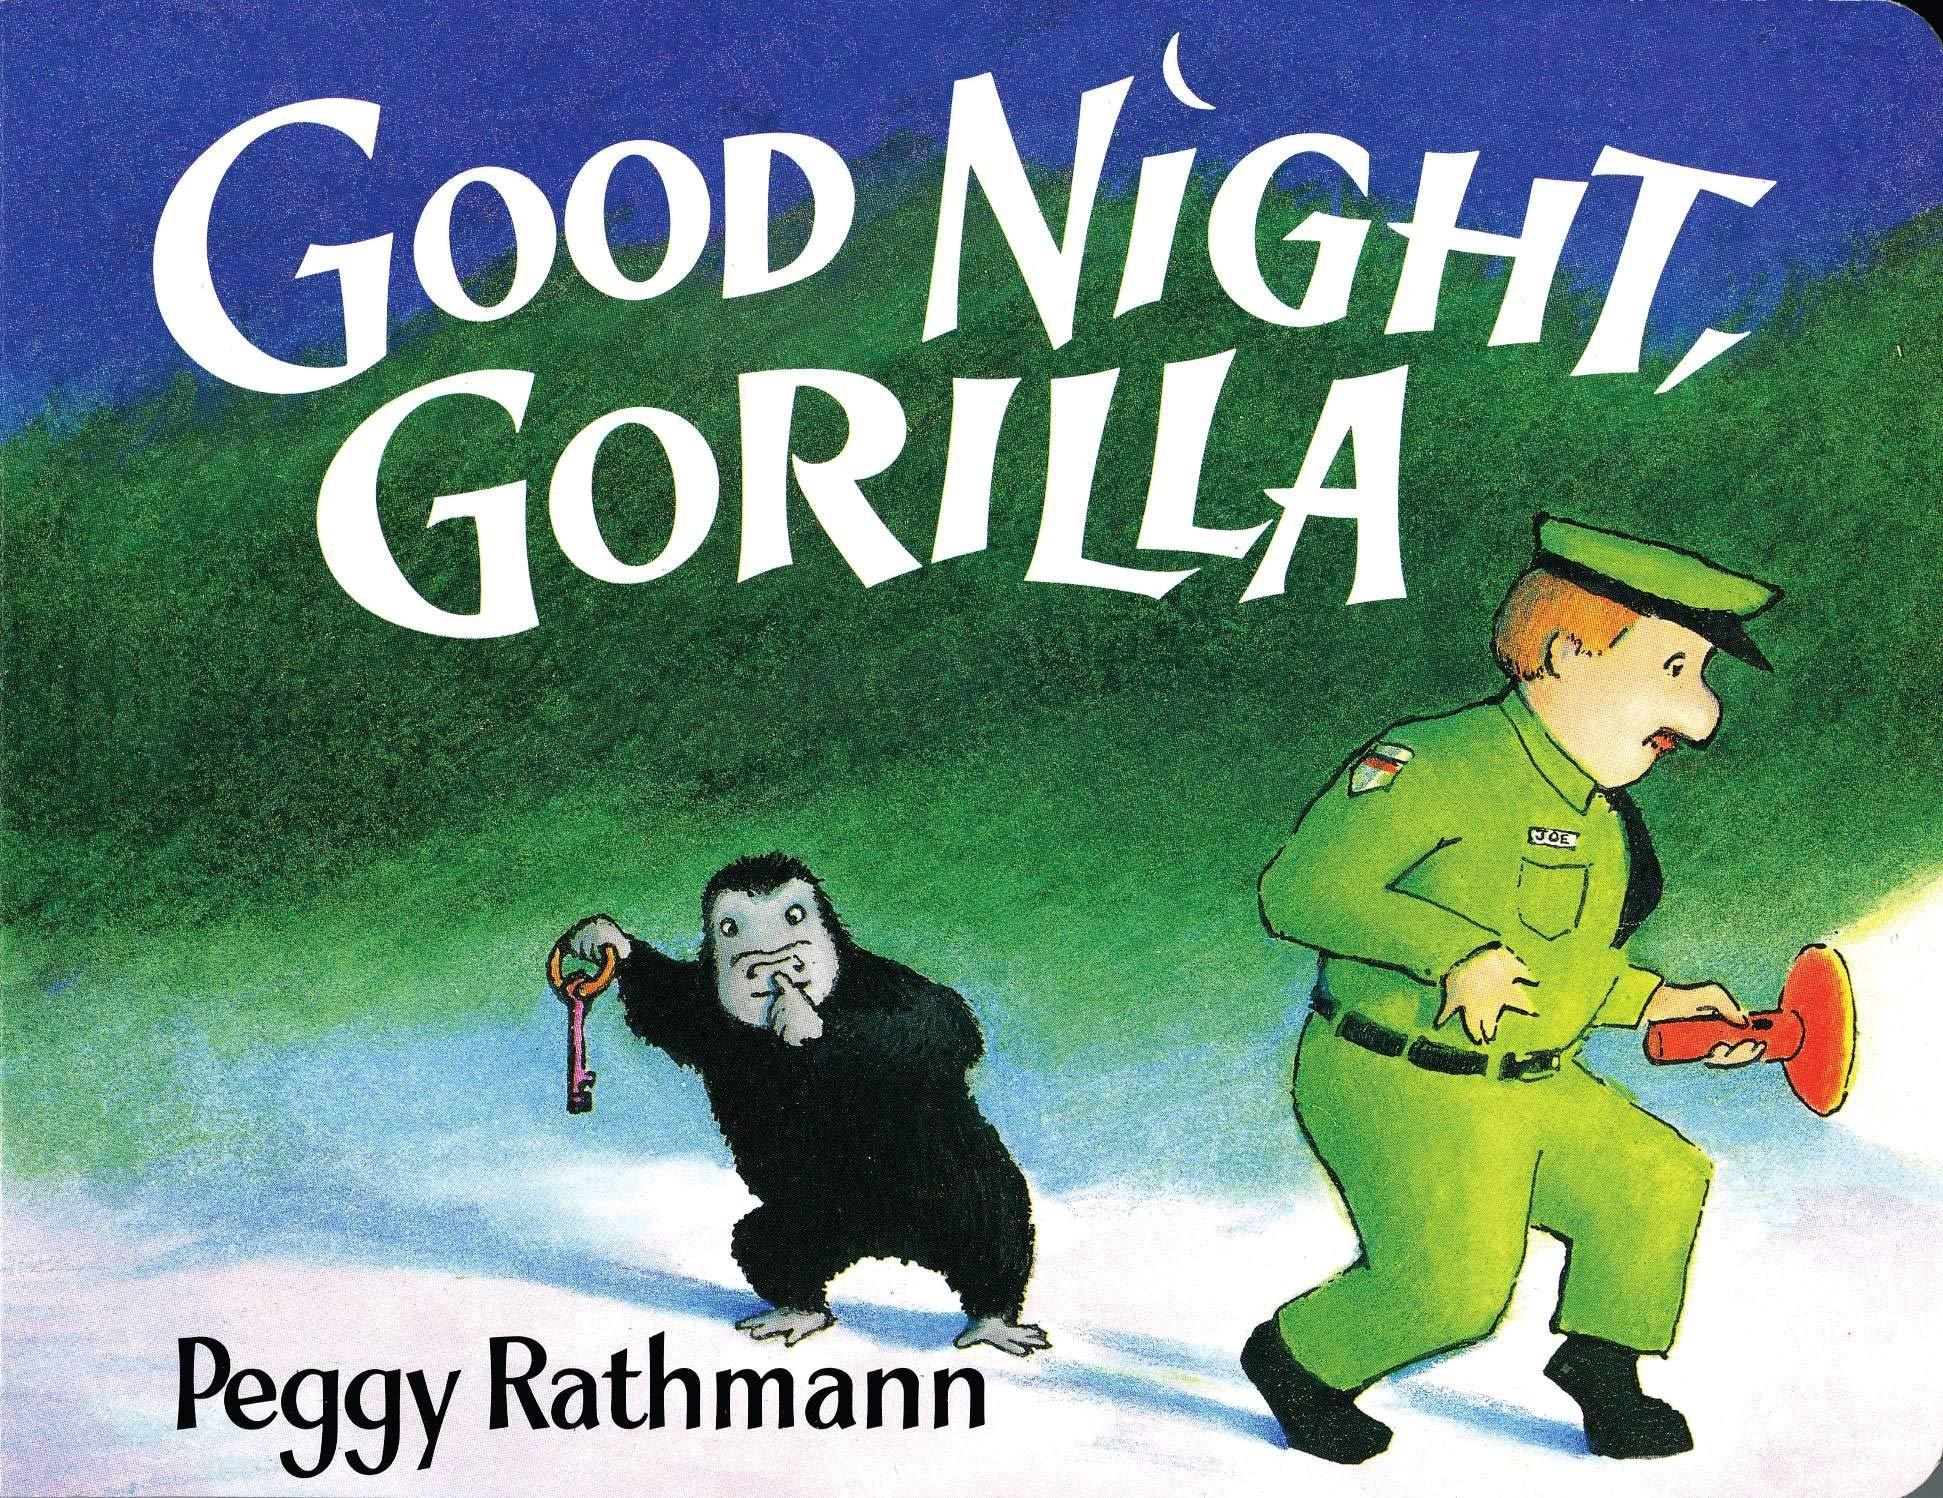 Good Night, Gorilla: Amazon.es: Rathmann, Peggy: Libros en idiomas ...